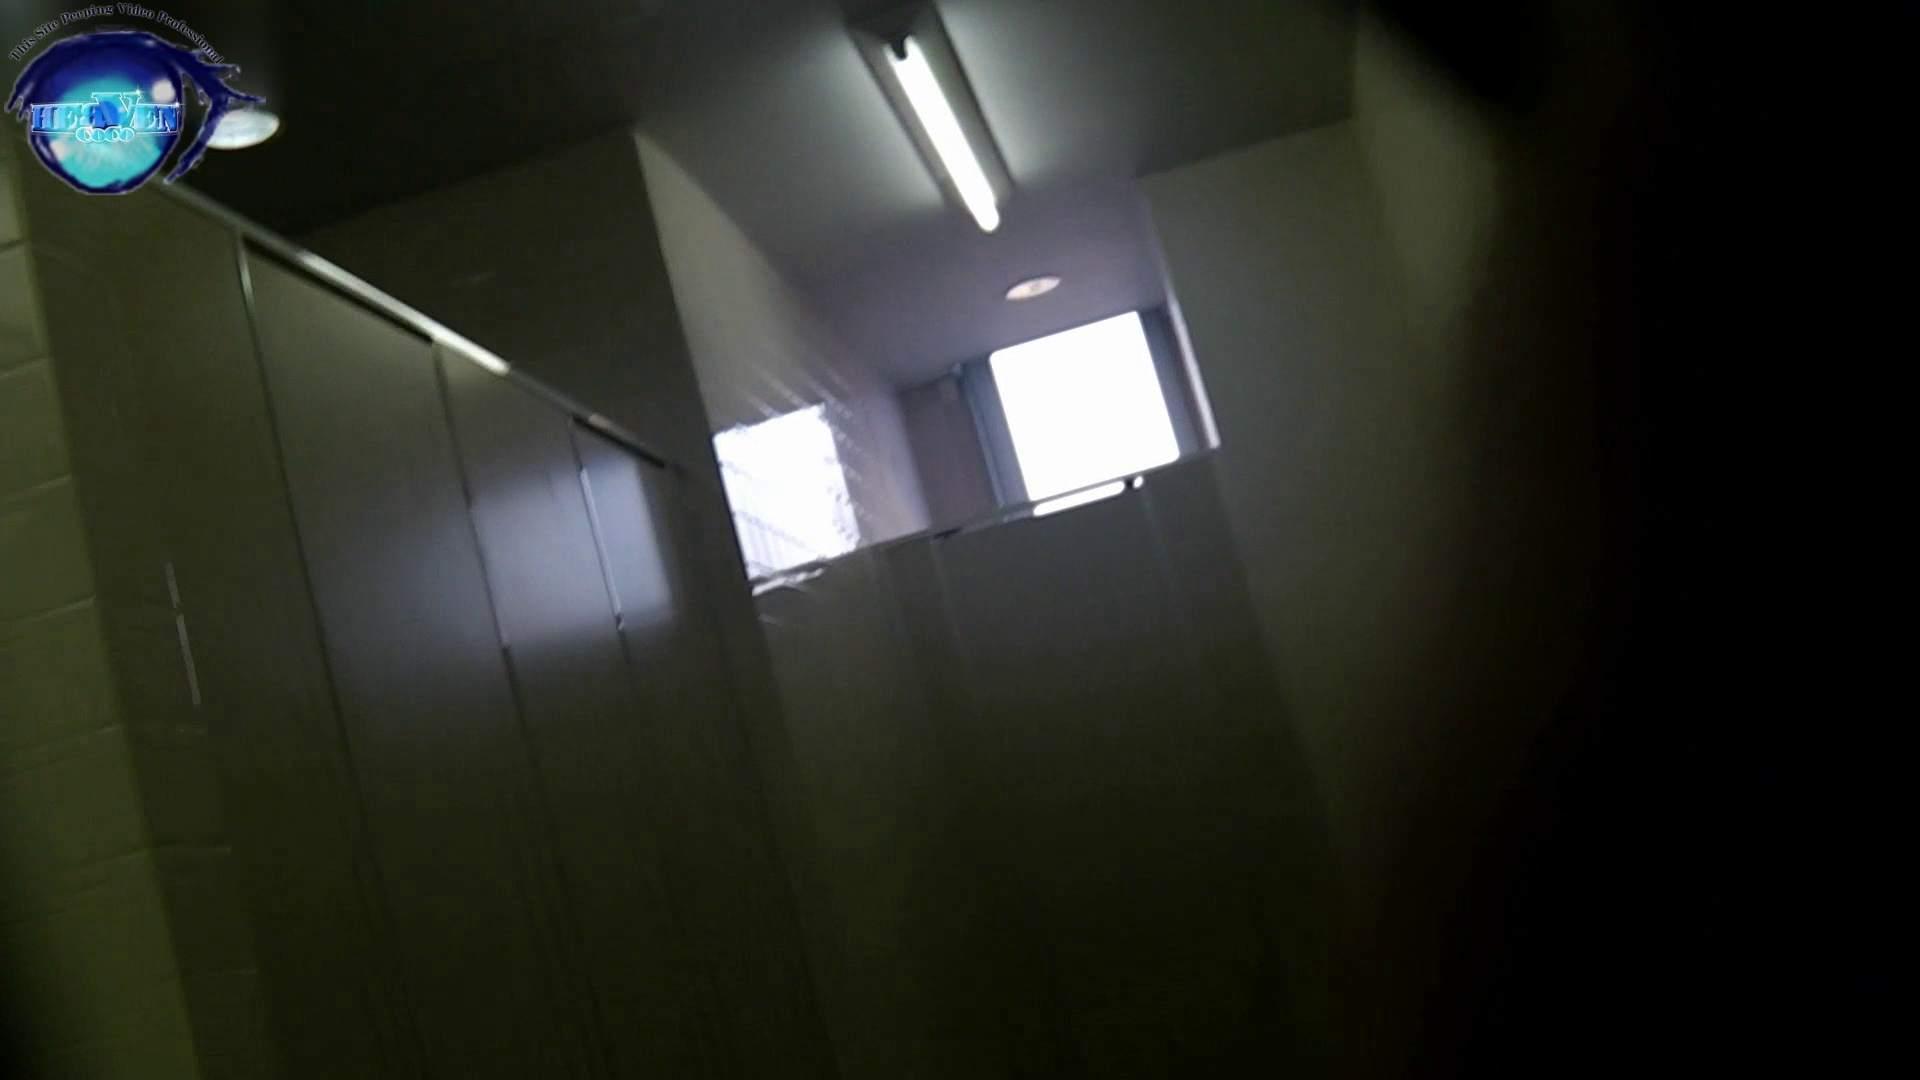 「洗面所突入レポート!!」vol.56まず並ぶ所から!決して真似しないでください前編 洗面所 女性器鑑賞 96pic 3